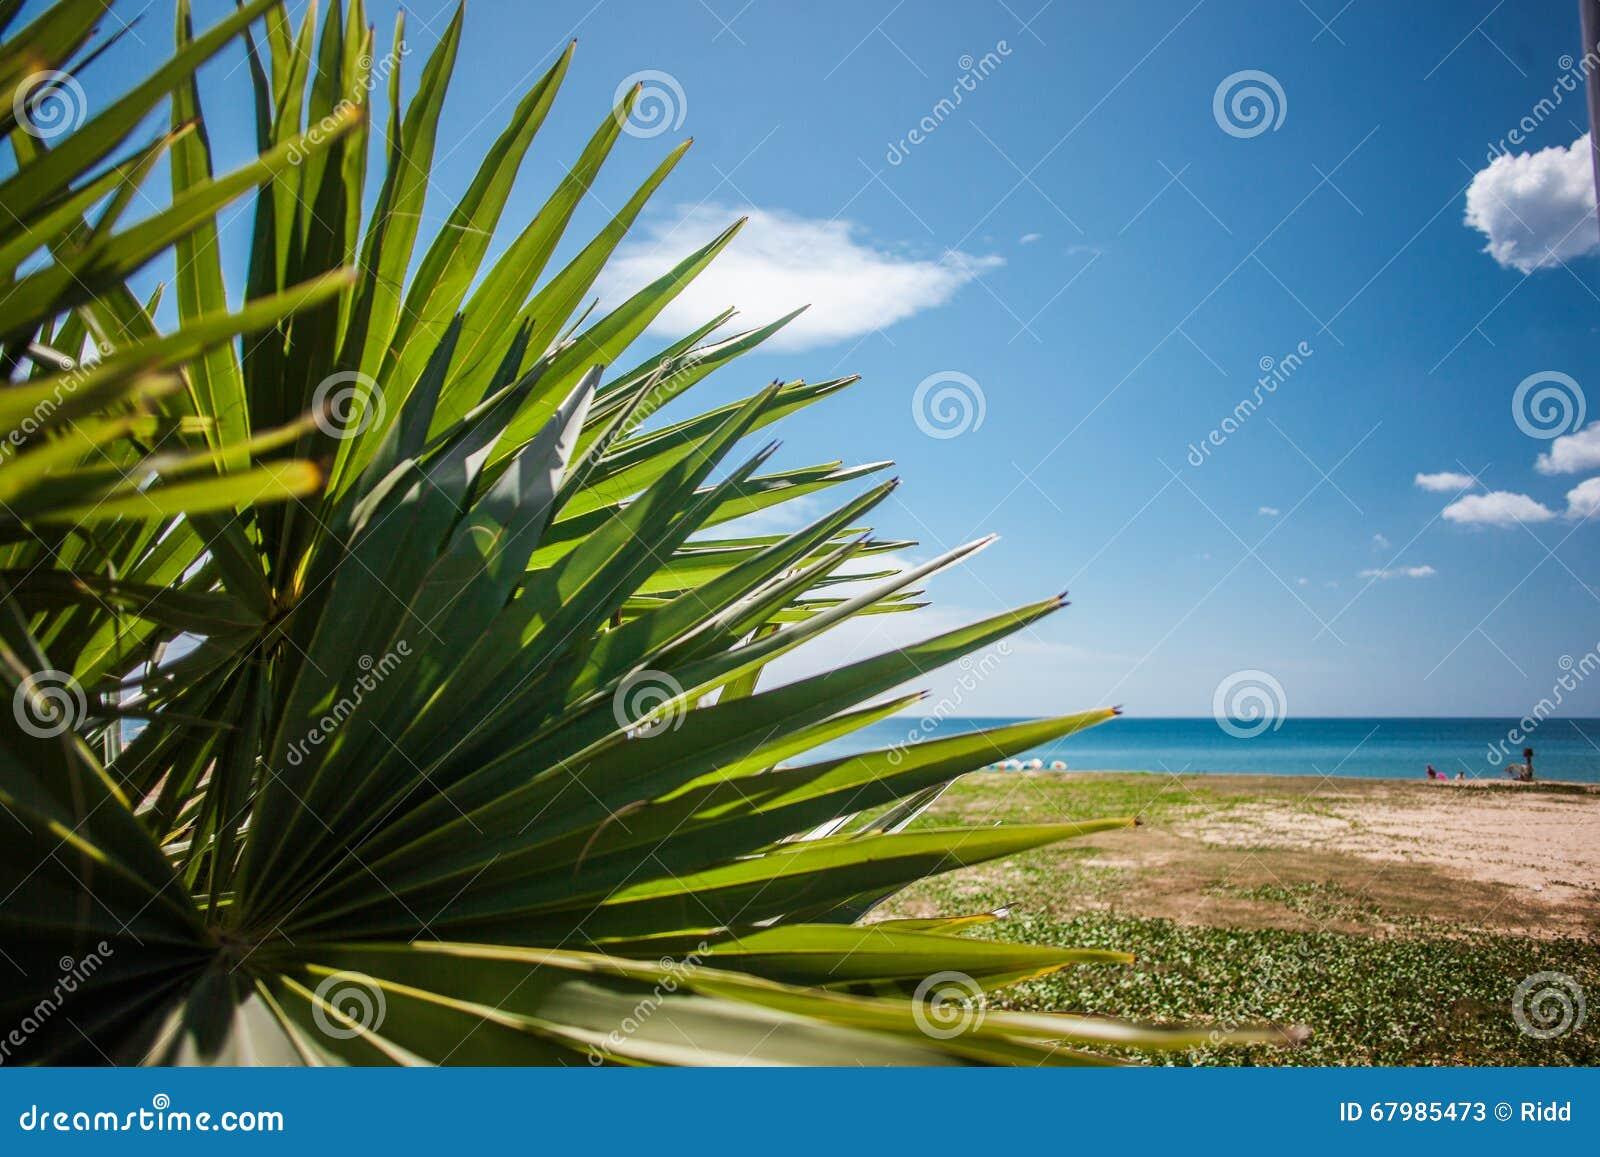 grande palmette sur la plage de mer littoral de sable image stock image du vert lagune 67985473. Black Bedroom Furniture Sets. Home Design Ideas